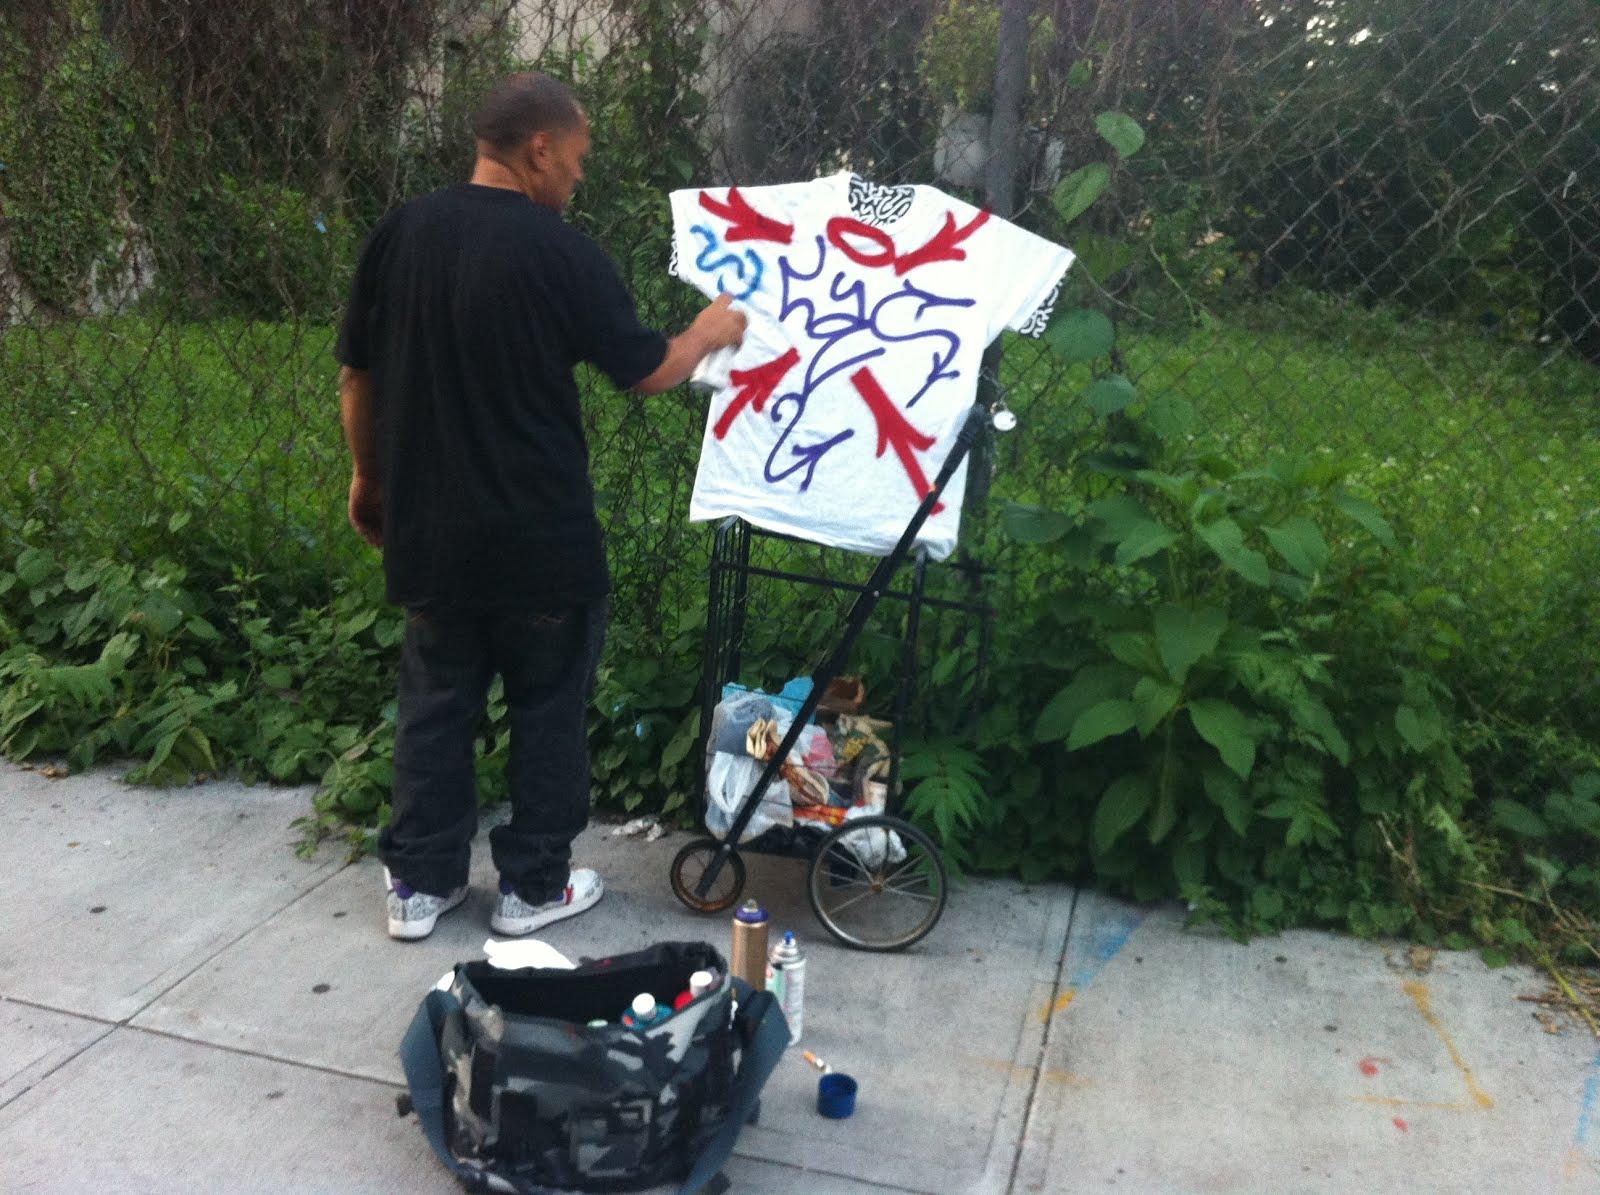 graffiti letter k  Template